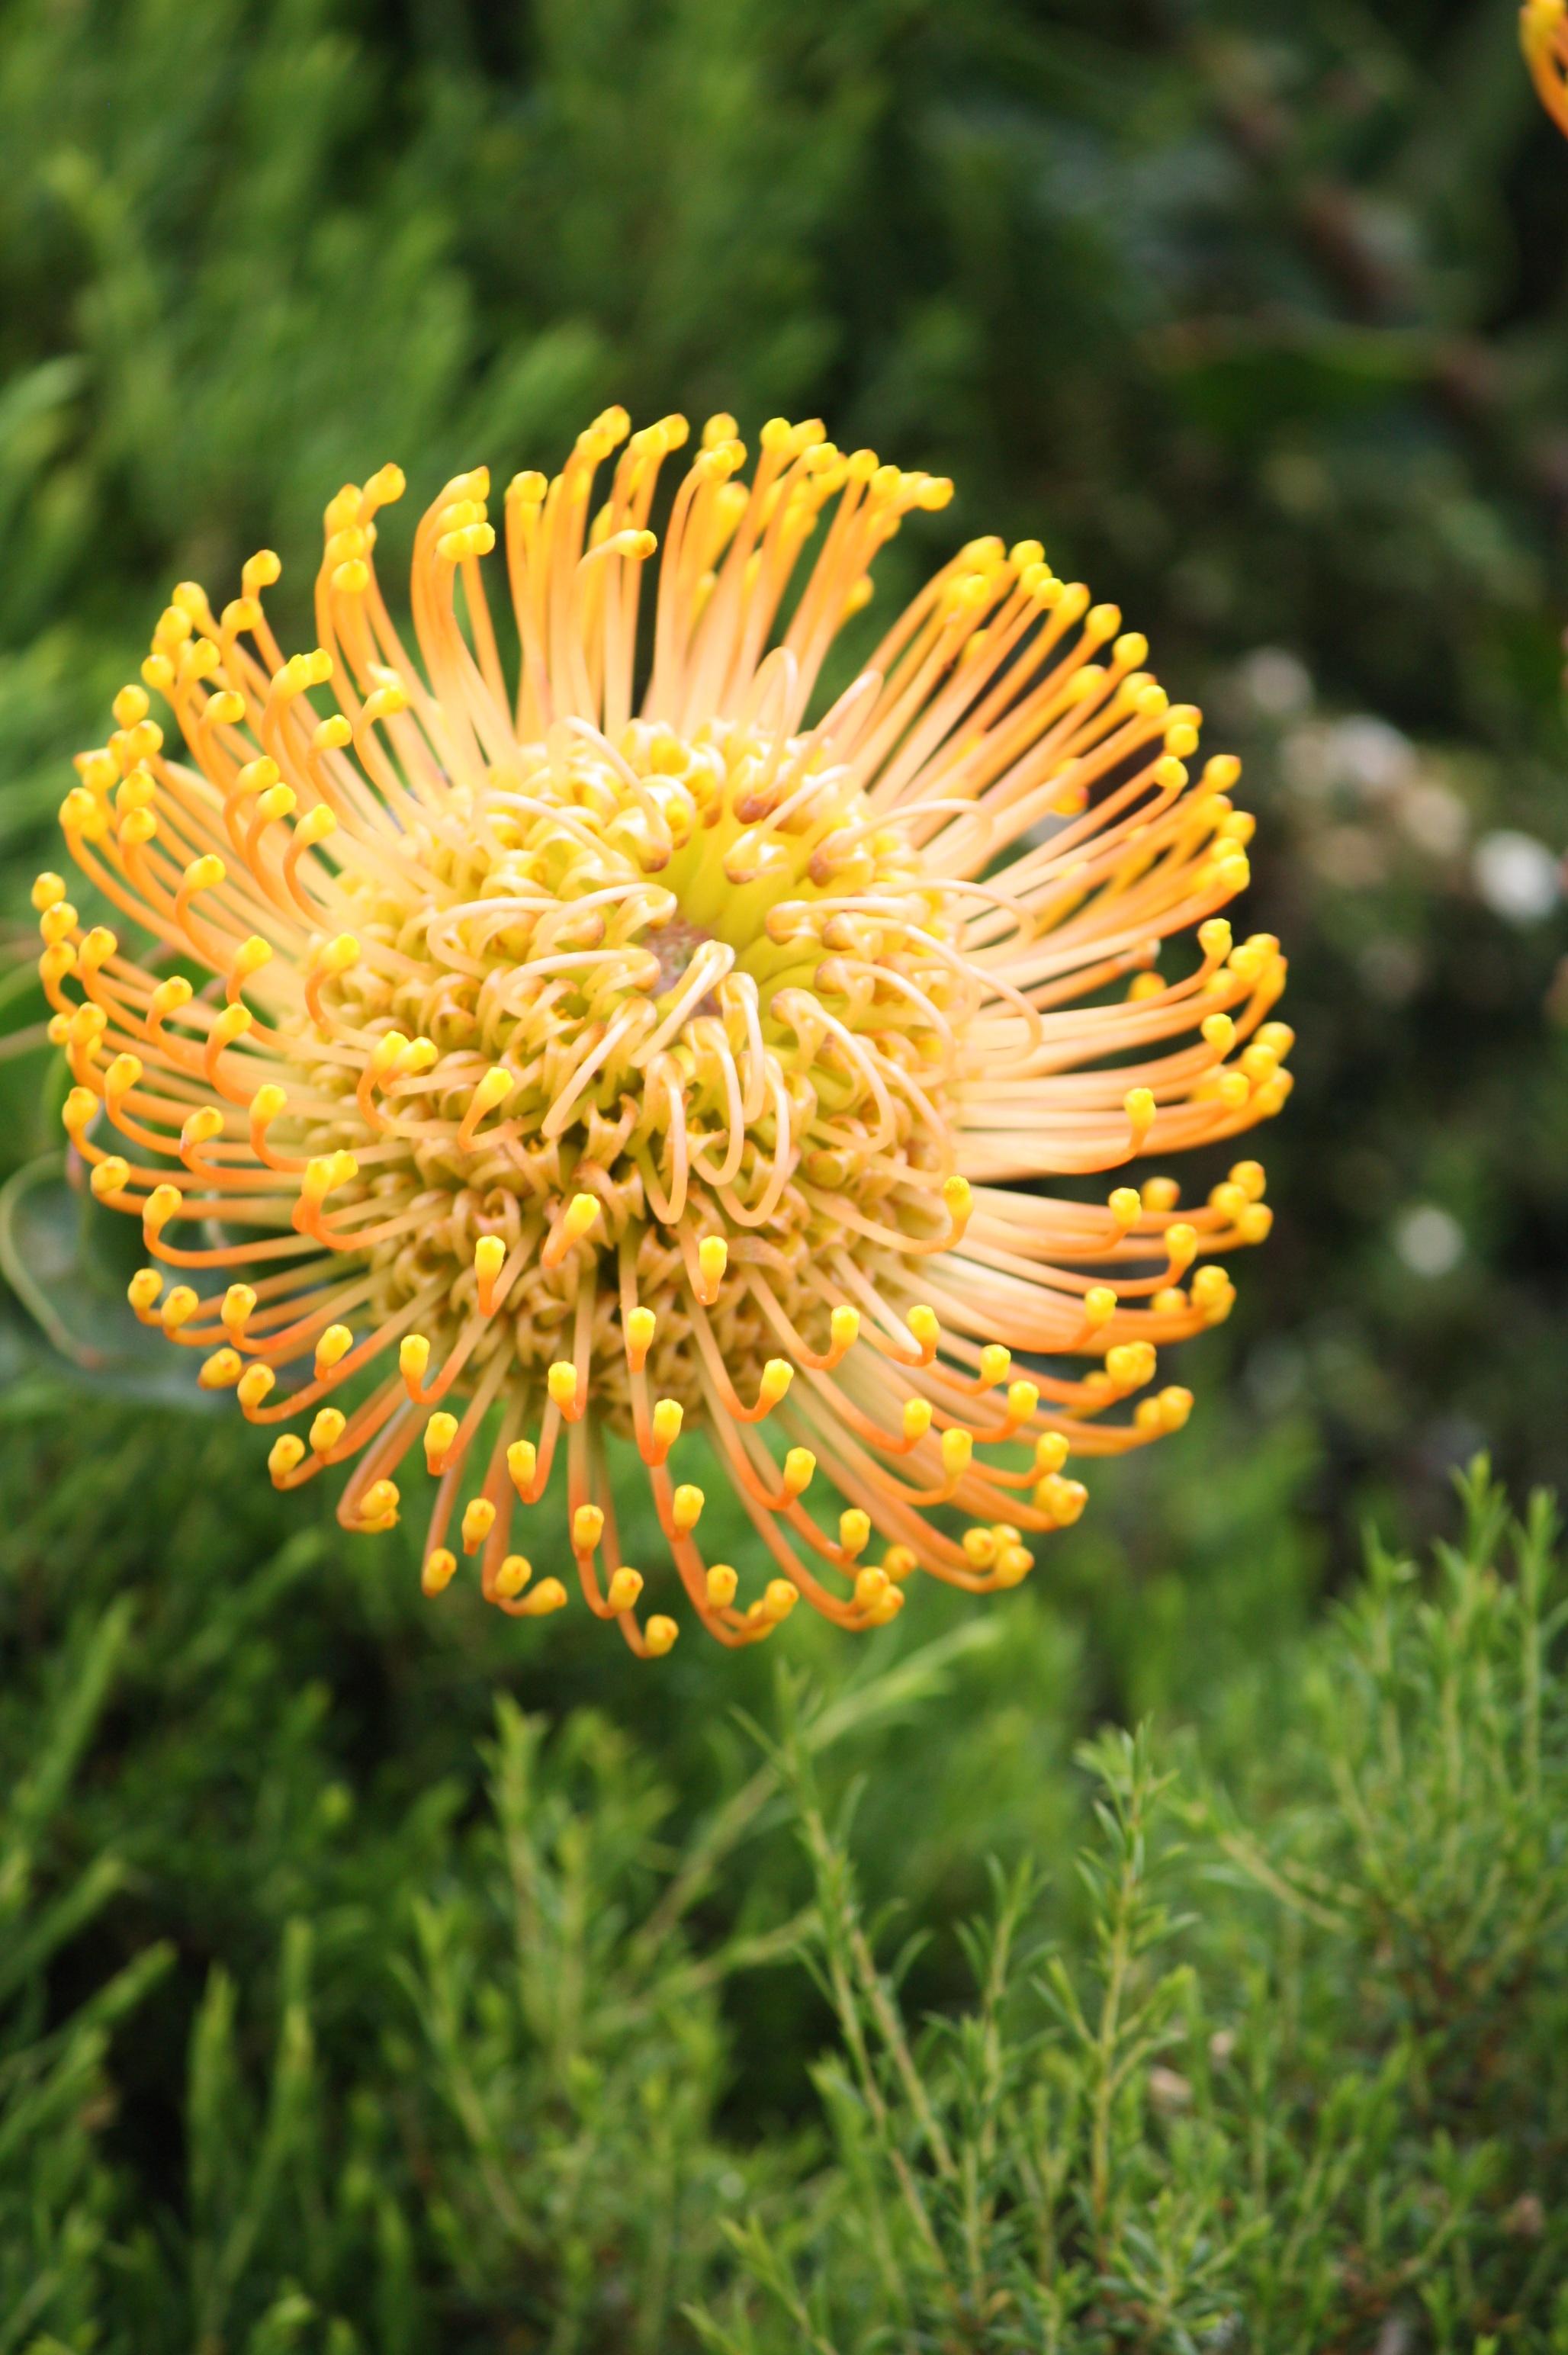 kostenlose foto natur bl hen l wenzahn blume botanik gelb flora wildblume s dafrika. Black Bedroom Furniture Sets. Home Design Ideas